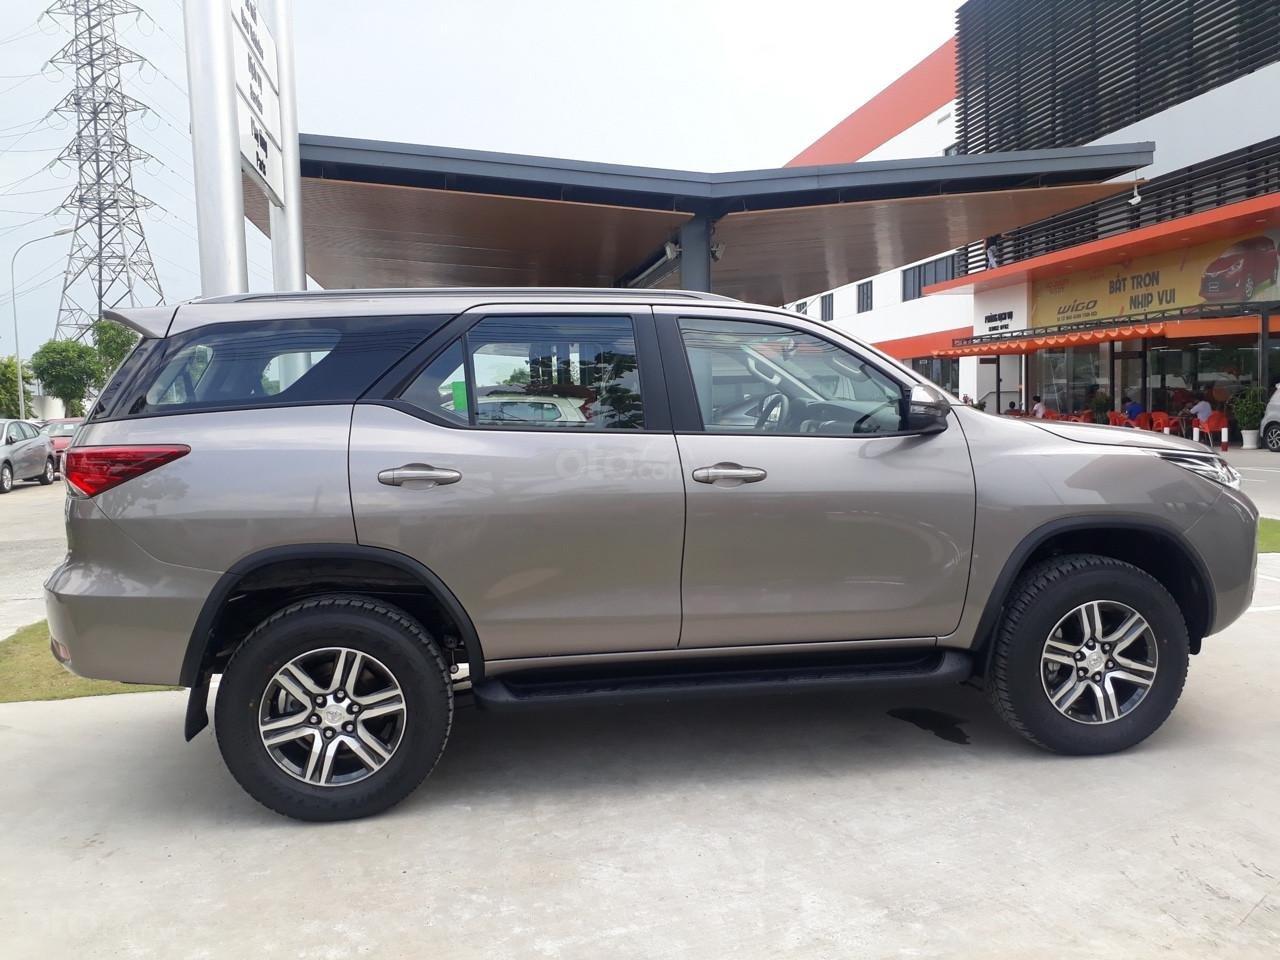 Bán Toyota Fortuner 2.4G số sàn, máy dầu 2019, màu đồng, hỗ trợ vay 85% thanh toán 240tr nhận ngay xe (4)